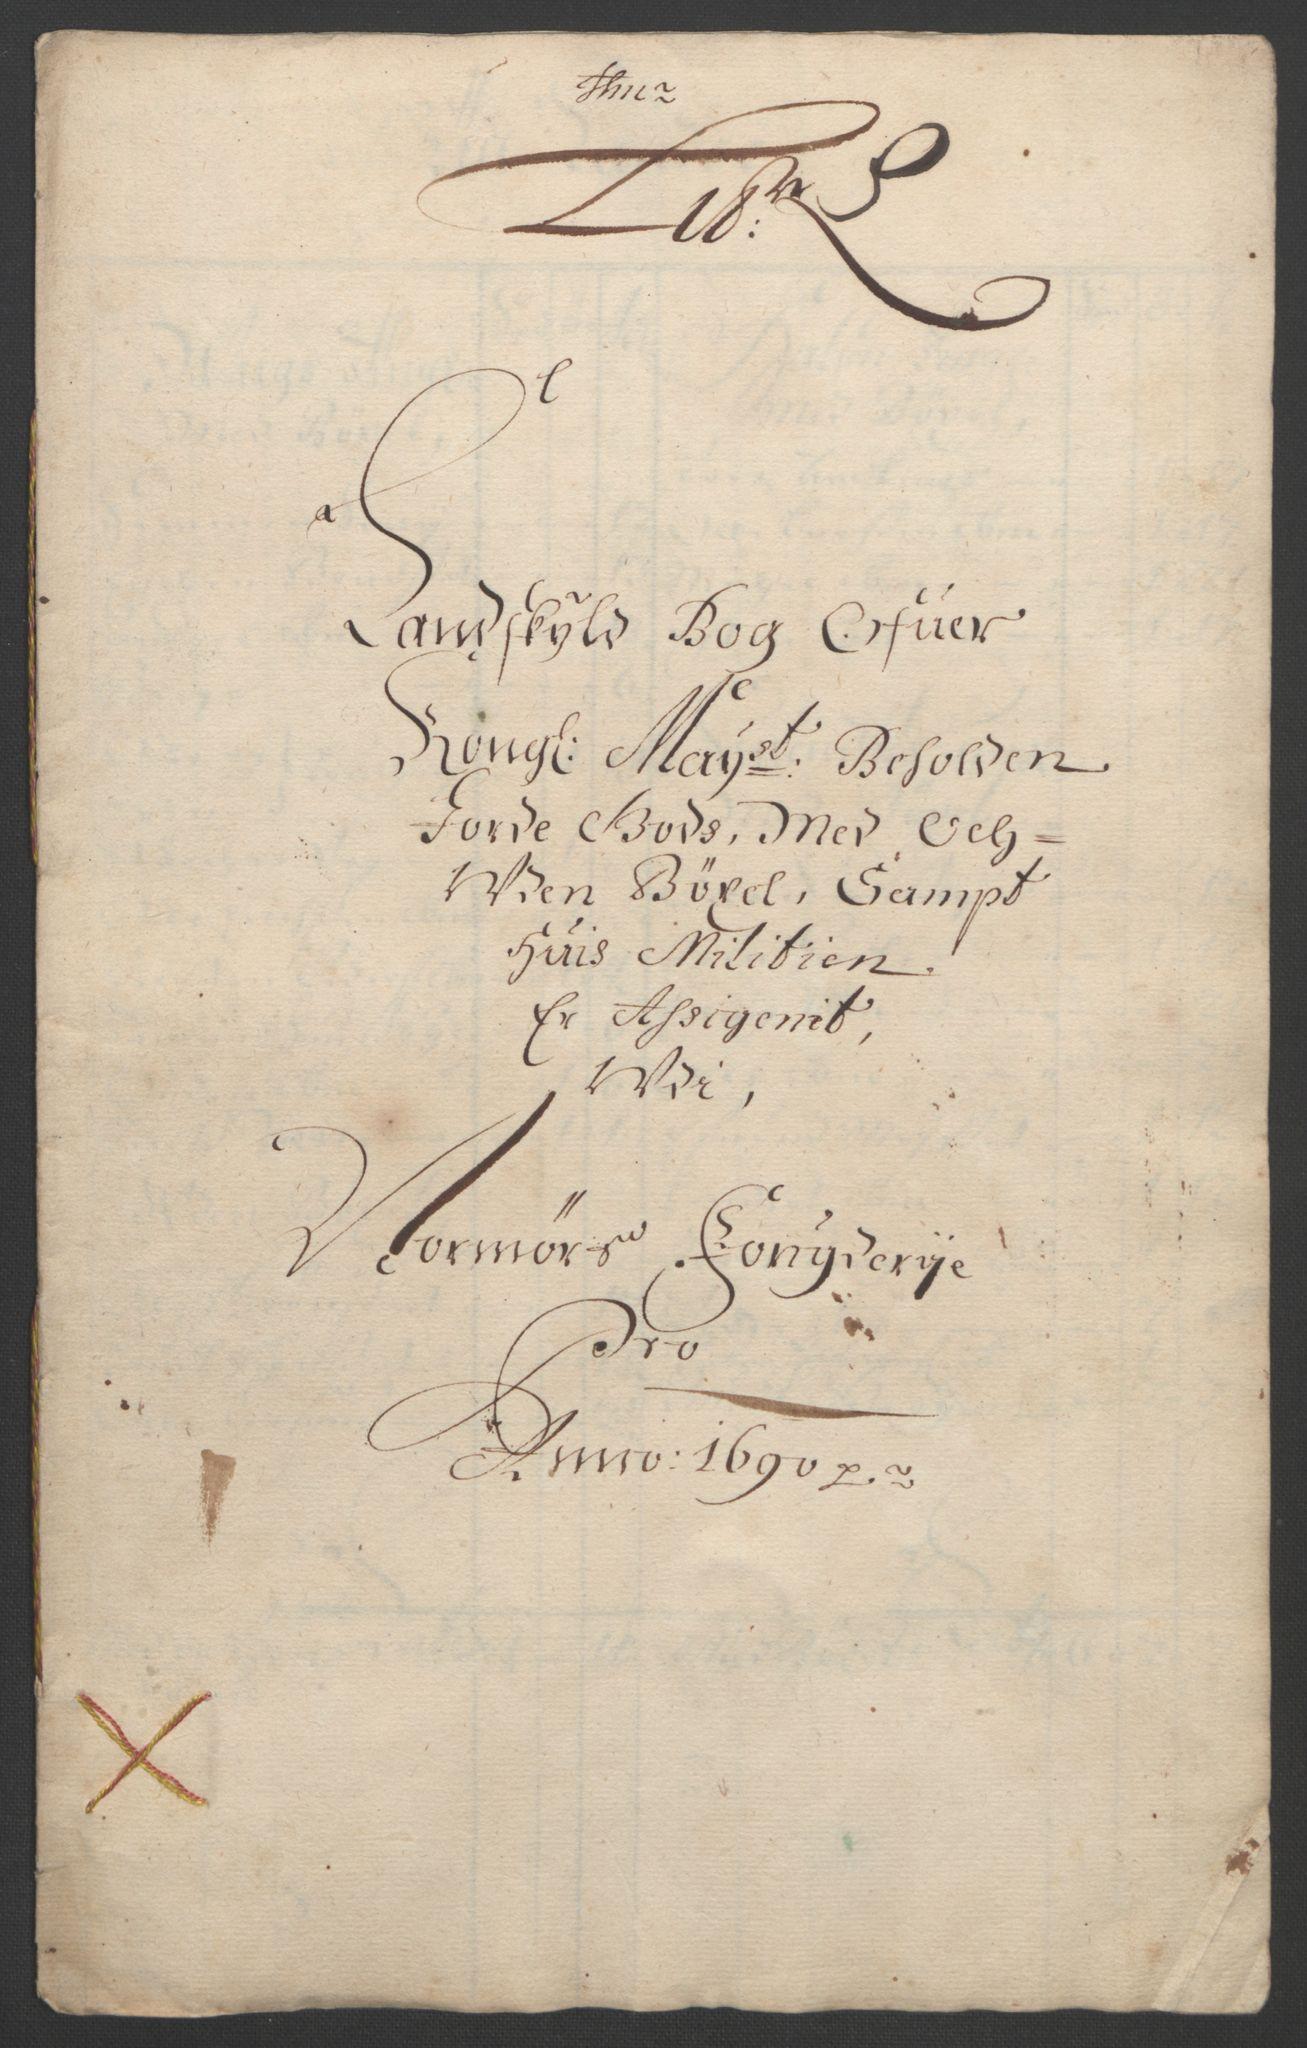 RA, Rentekammeret inntil 1814, Reviderte regnskaper, Fogderegnskap, R56/L3734: Fogderegnskap Nordmøre, 1690-1691, s. 170